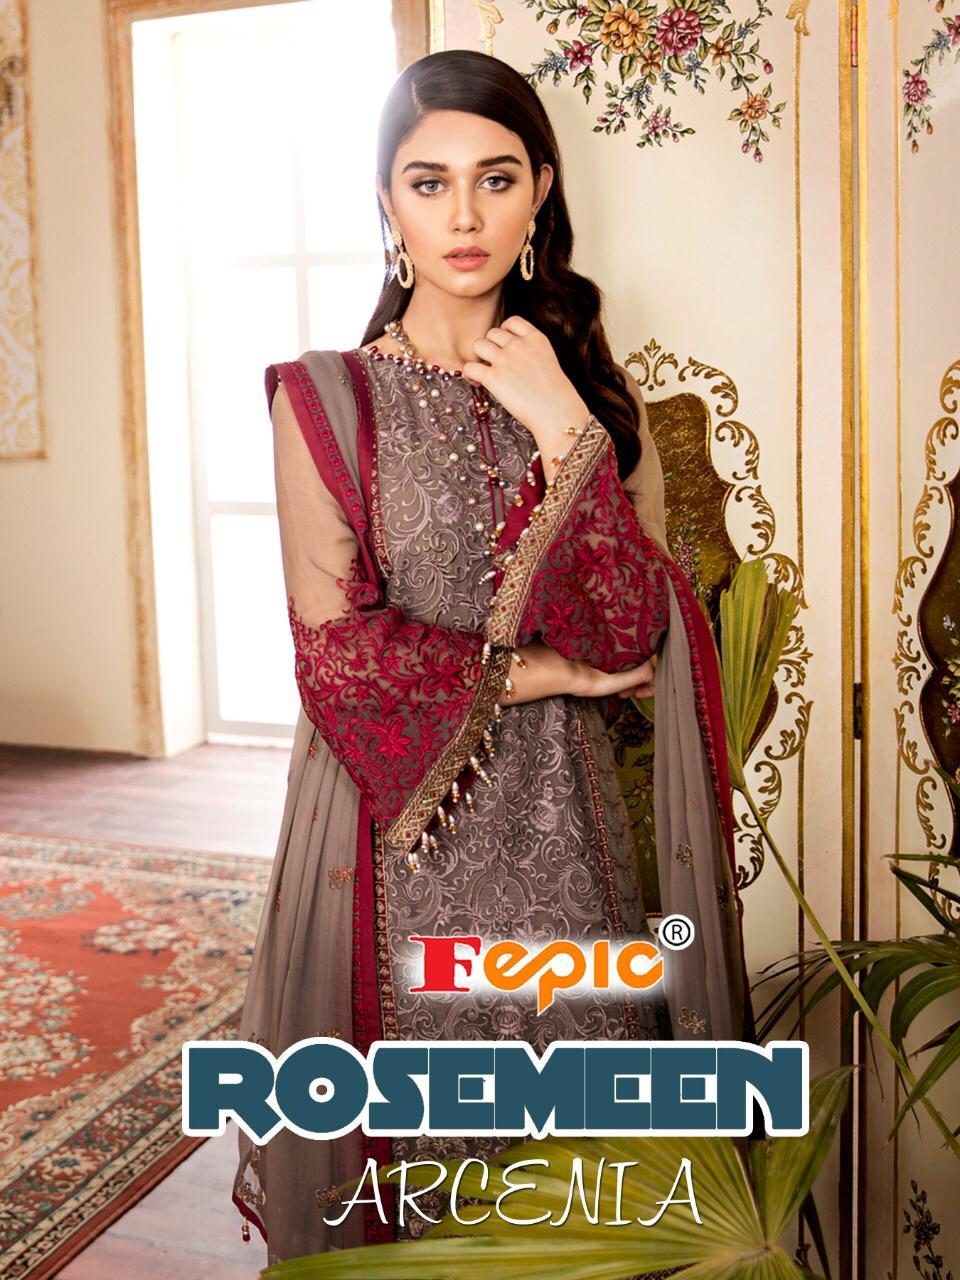 Fepic Rosemeen Arcenia Designer Pakistani Suits In Best Wholesale Rate